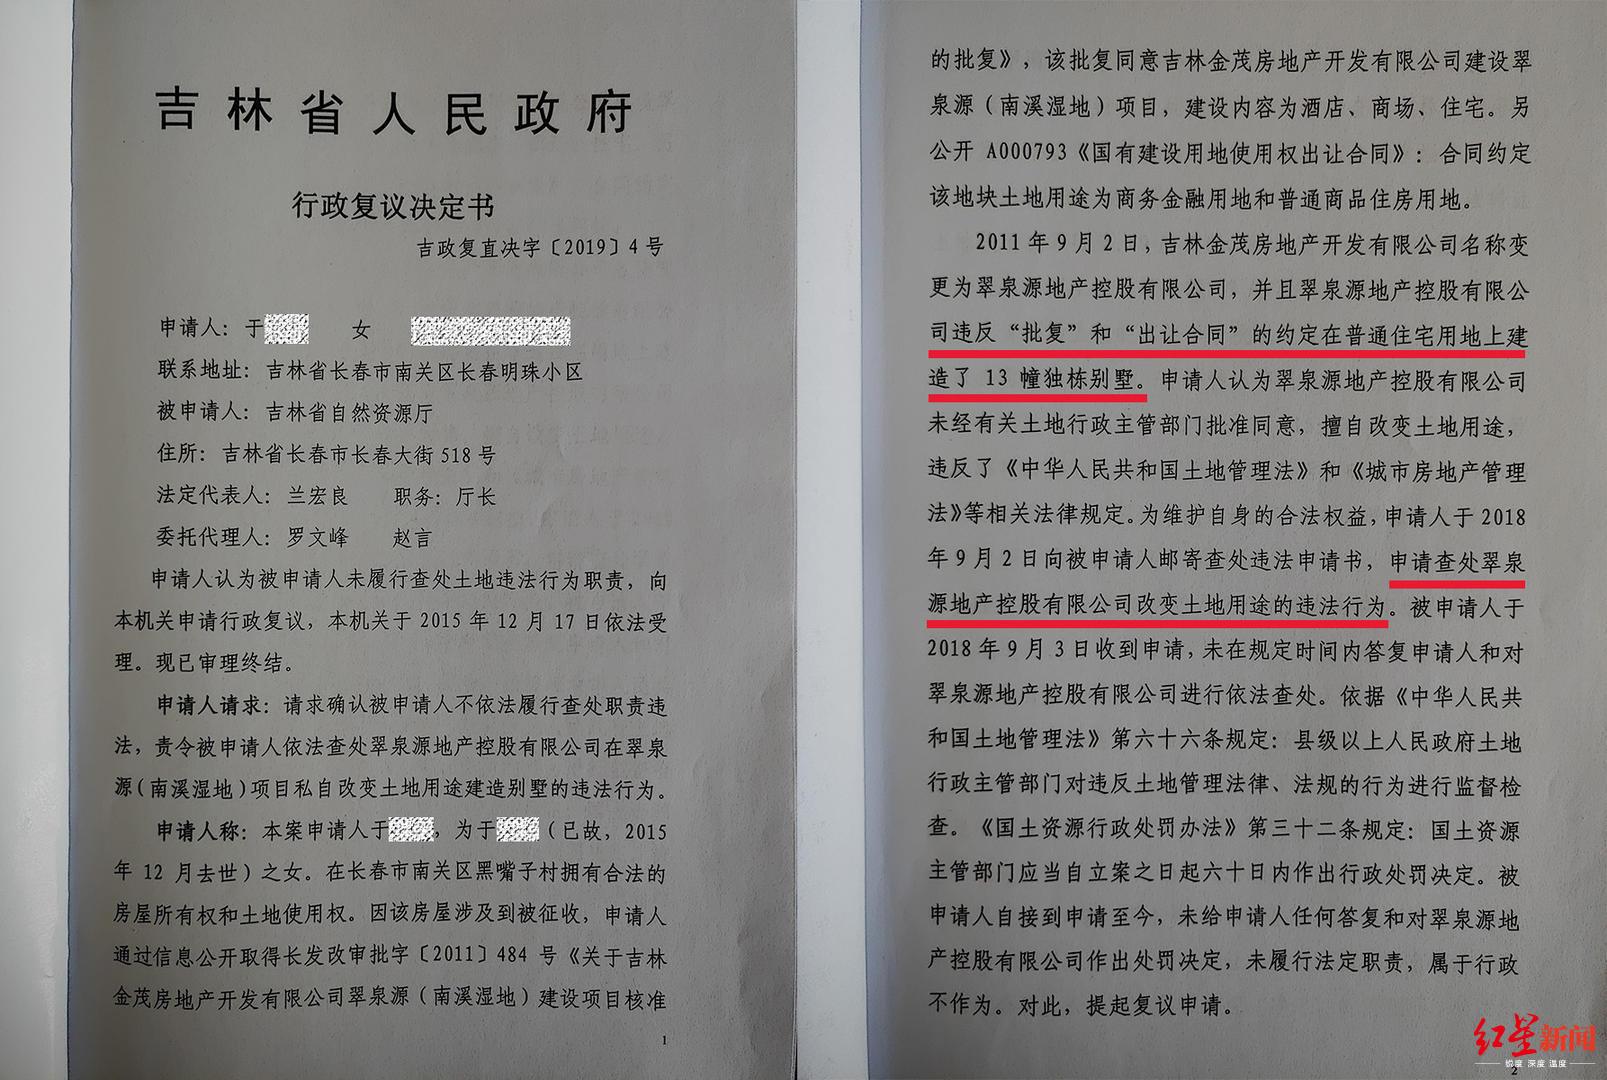 于女士向红星新闻记者提供吉林省人民政府作出的《行政复议决定书》